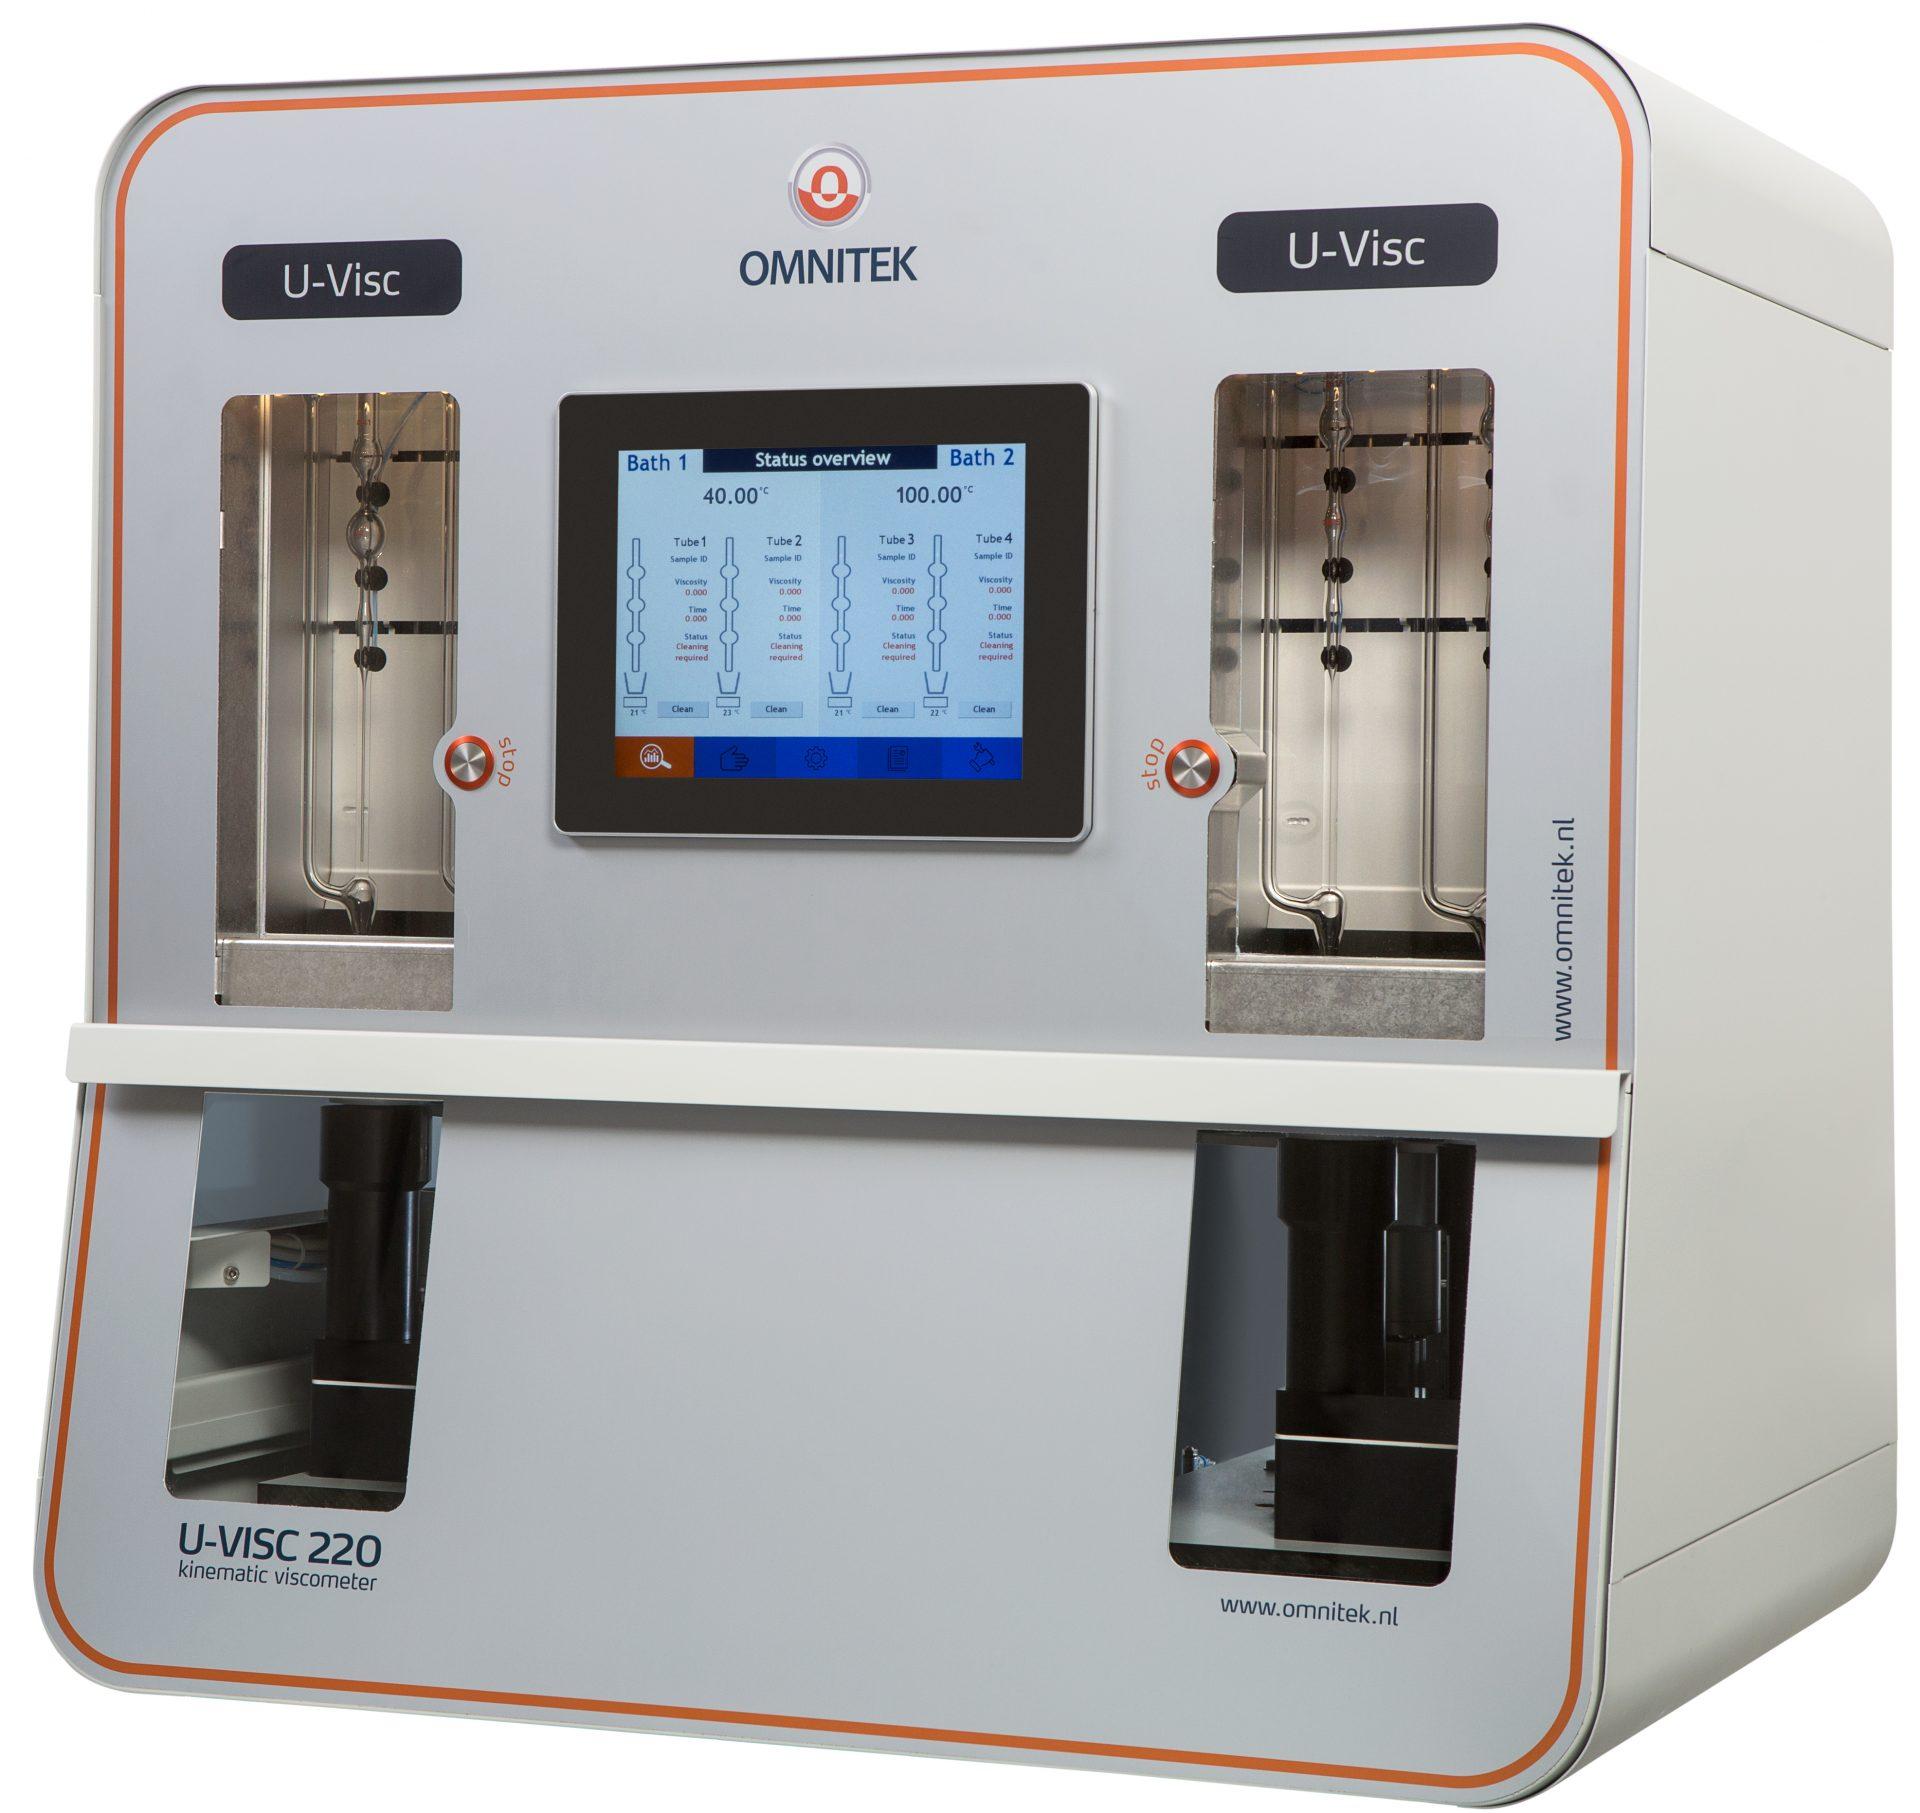 Máy đo độ nhớt 2 bể tự động U-VISC 210